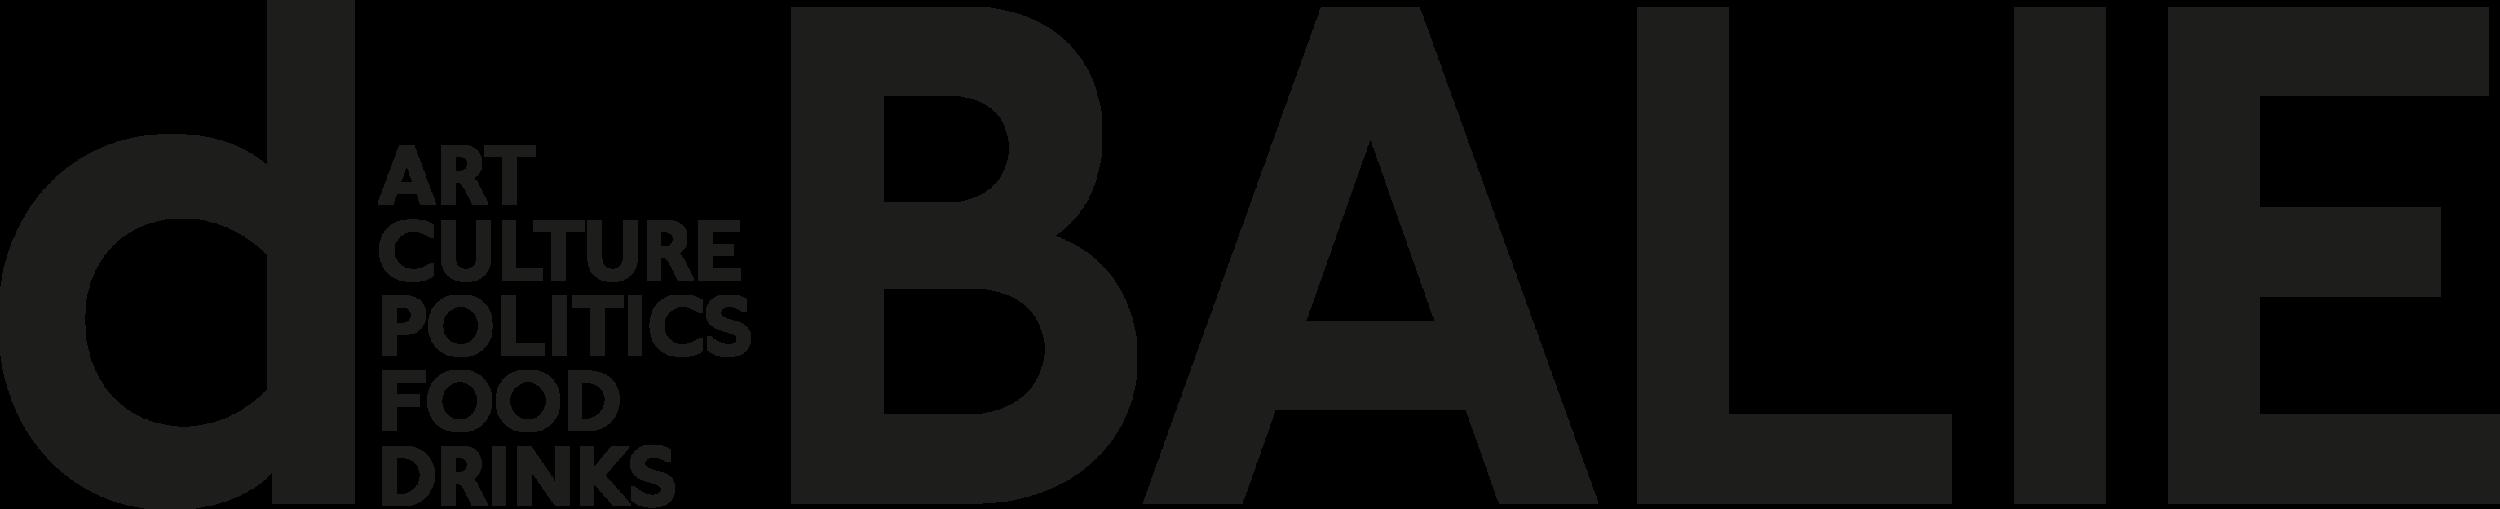 deBALIE-02b.png